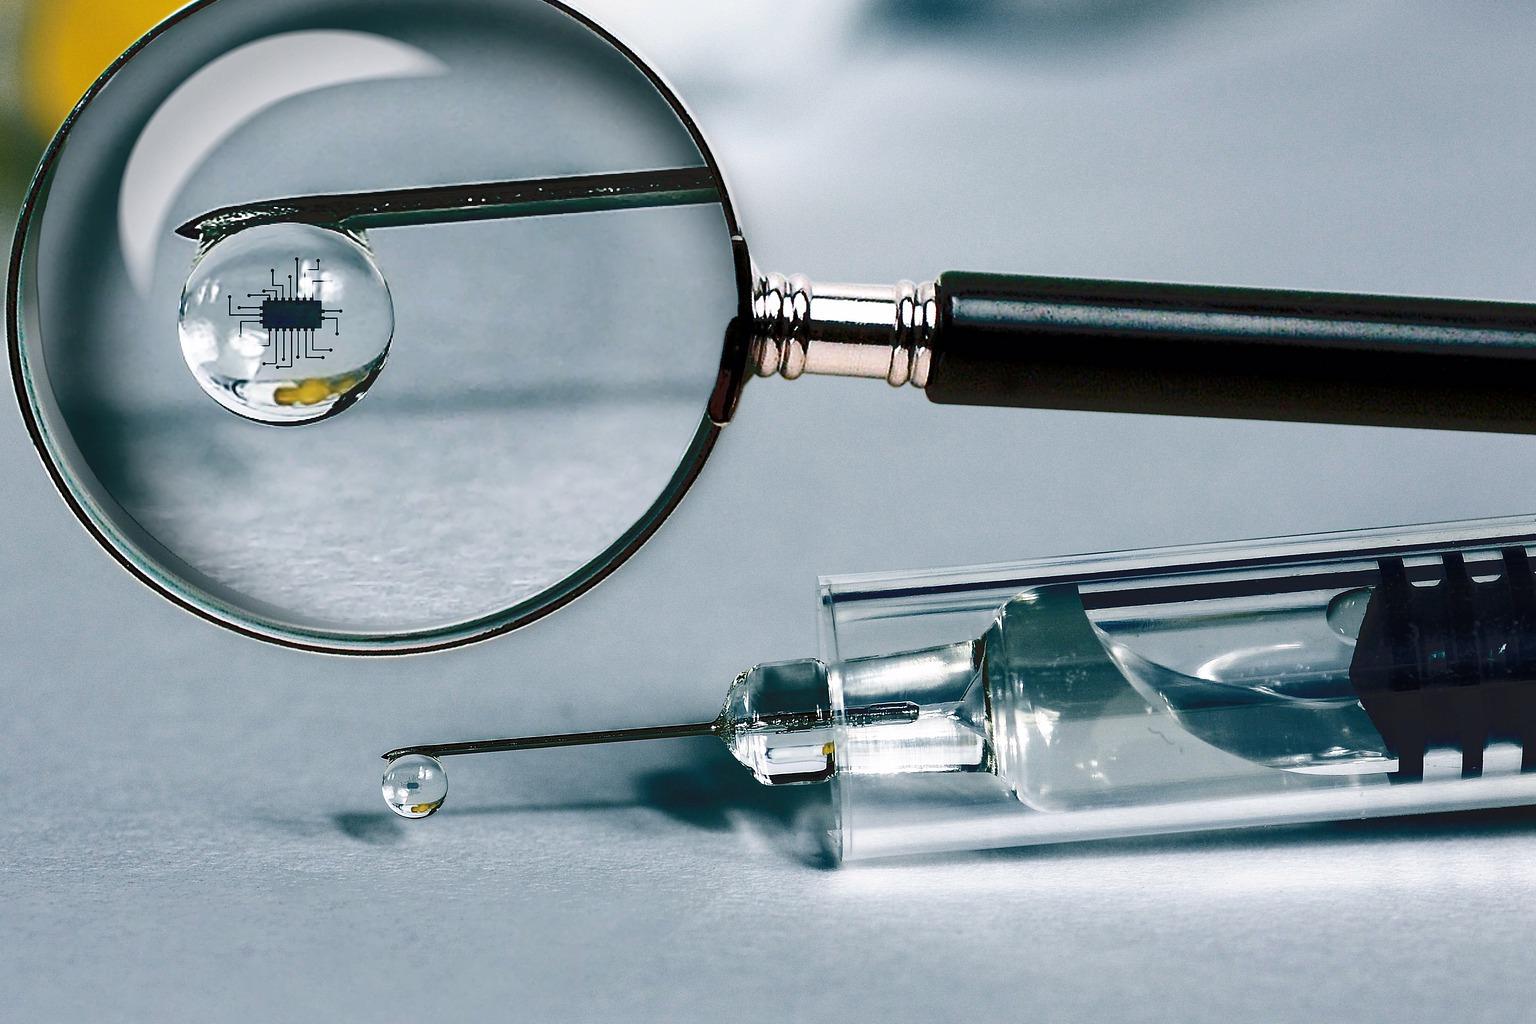 35亿抗溃疡注射剂大品种!石药欧意、吴中医药等4家企业齐过评